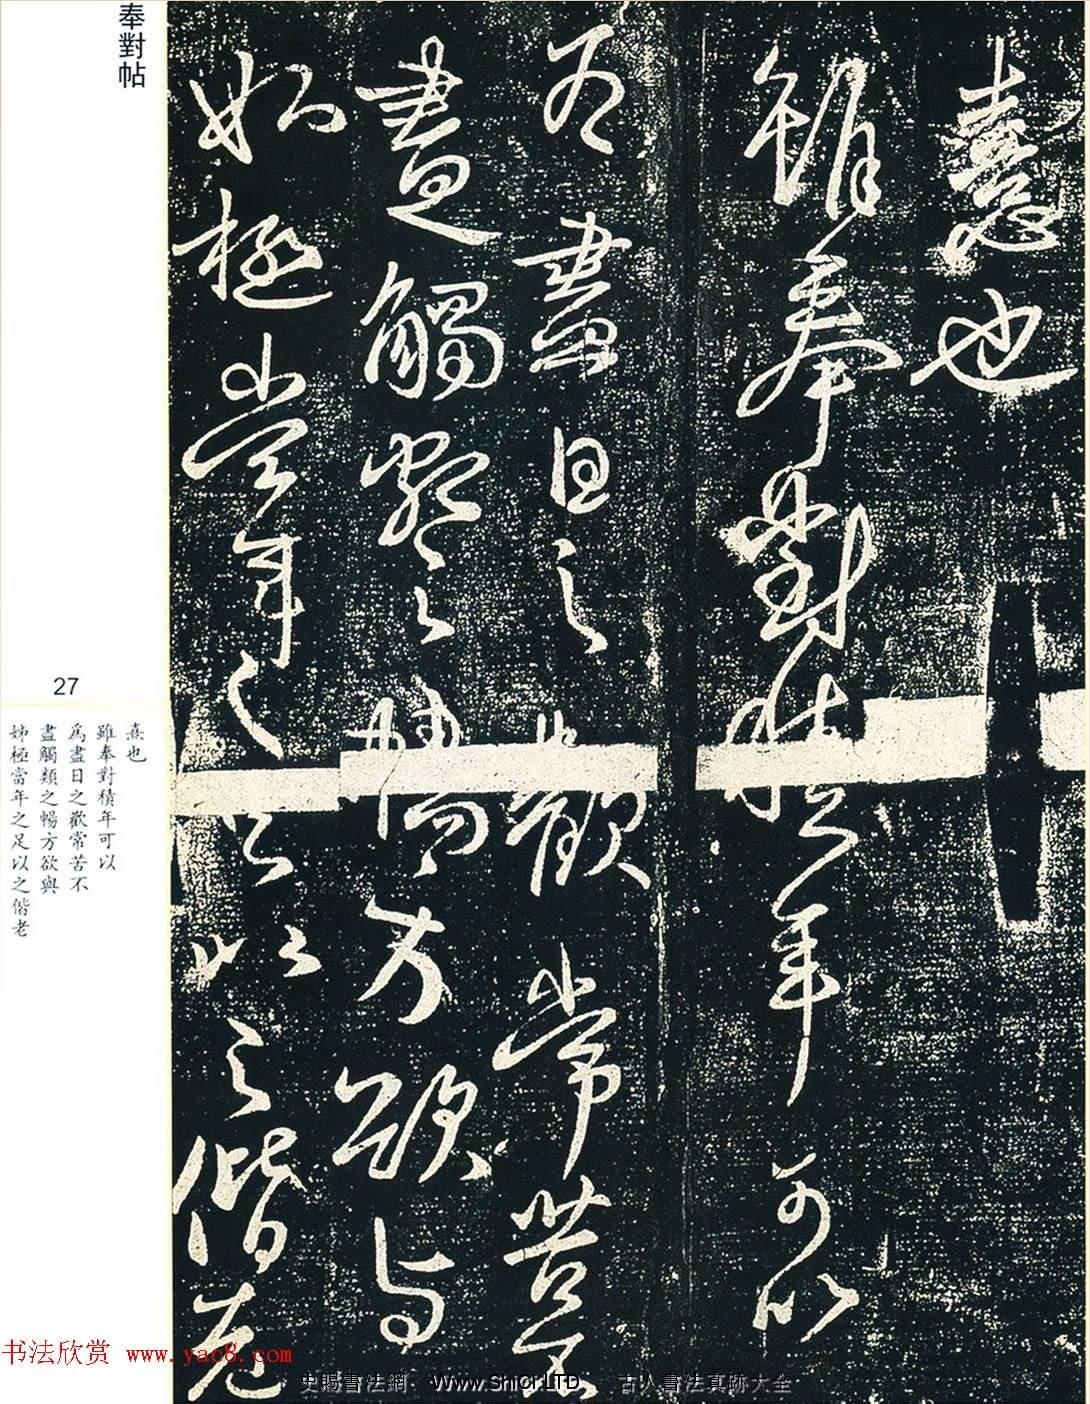 王獻之33歲行草書法字帖《奉對帖》兩種(共6張圖片)